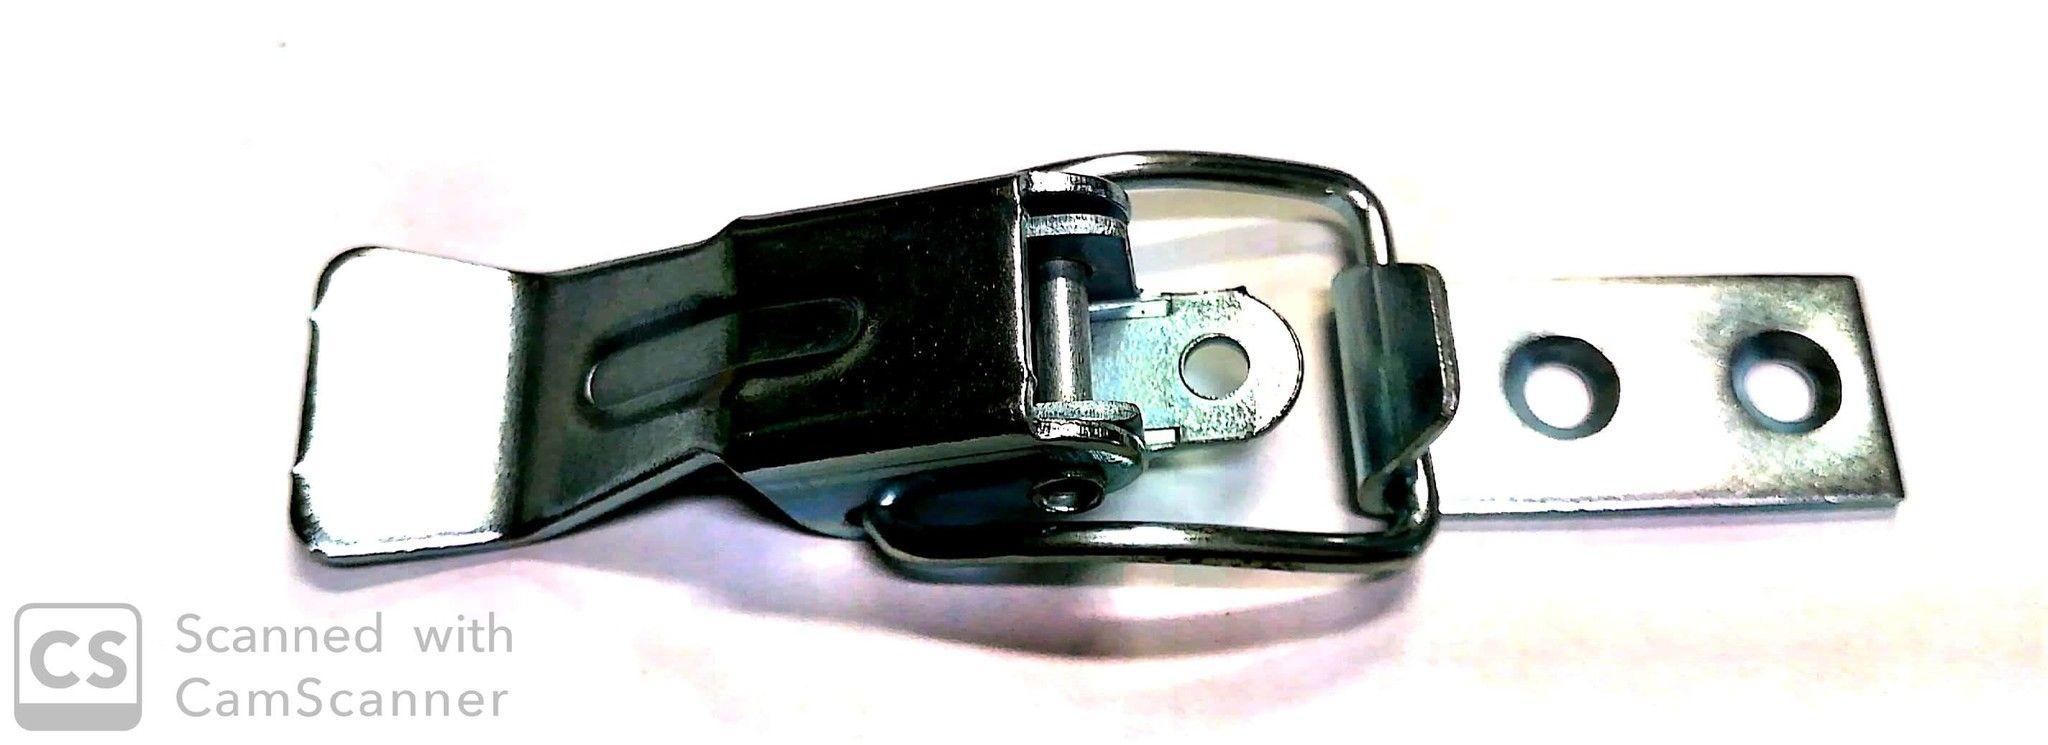 Chiusura a leva tipo P in ferro zincato